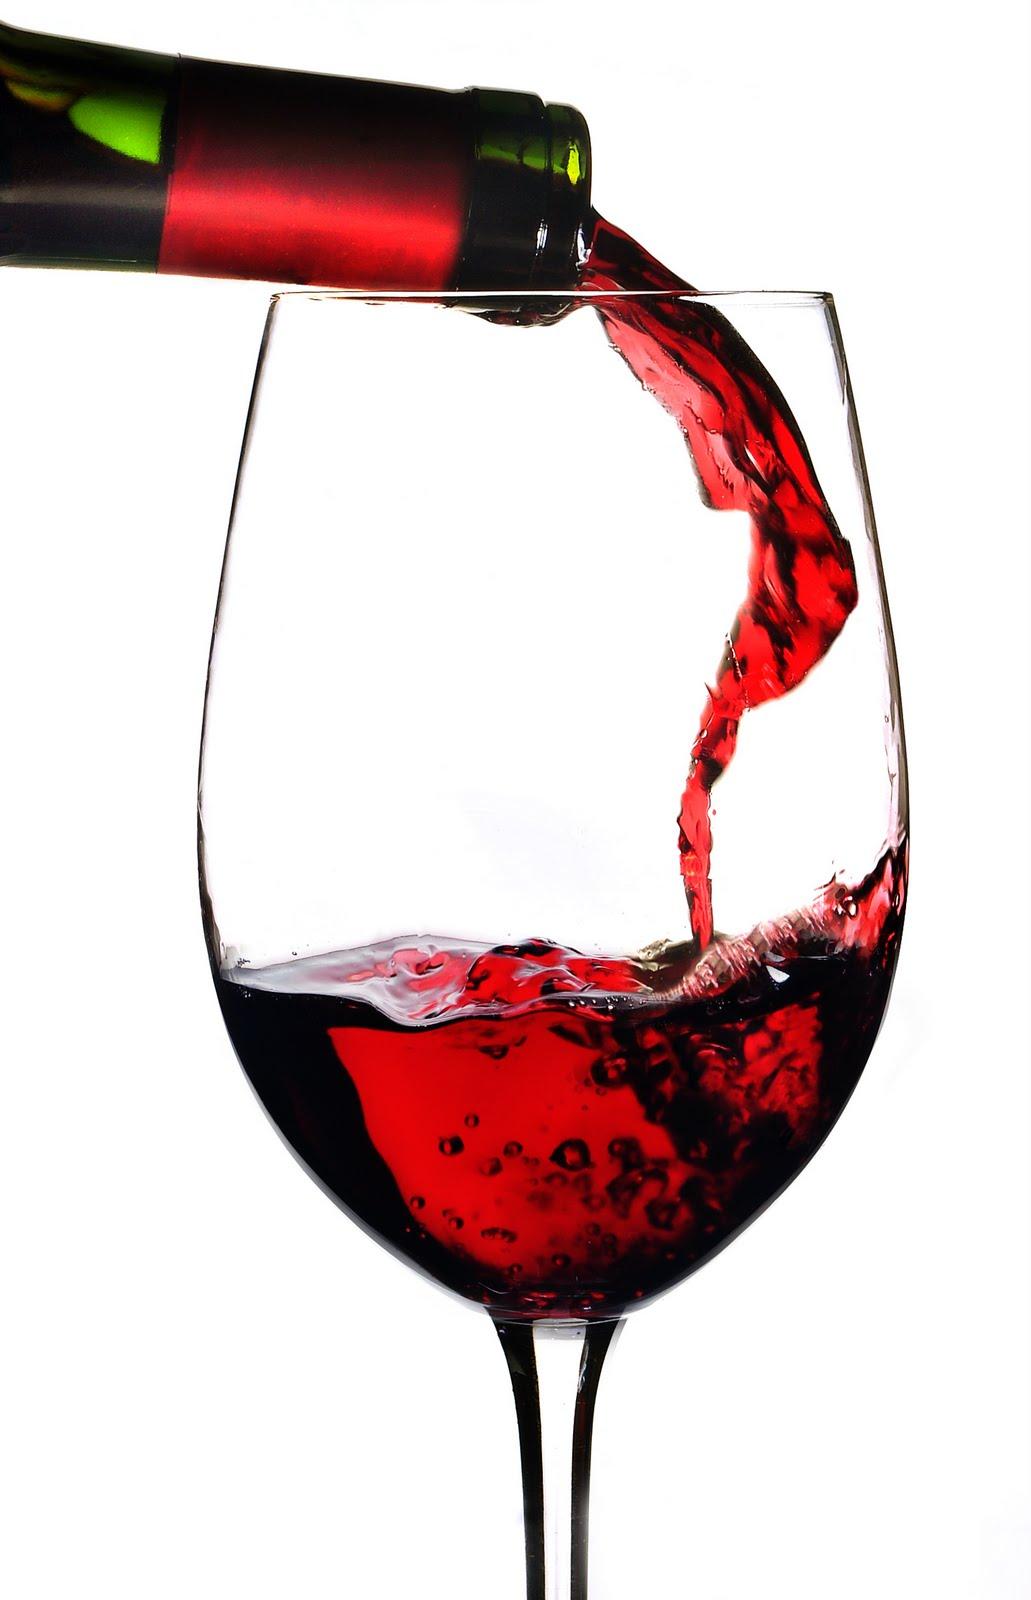 Aseguran una copa de vino equivale a una hora de ejercicio for Copa vino tinto